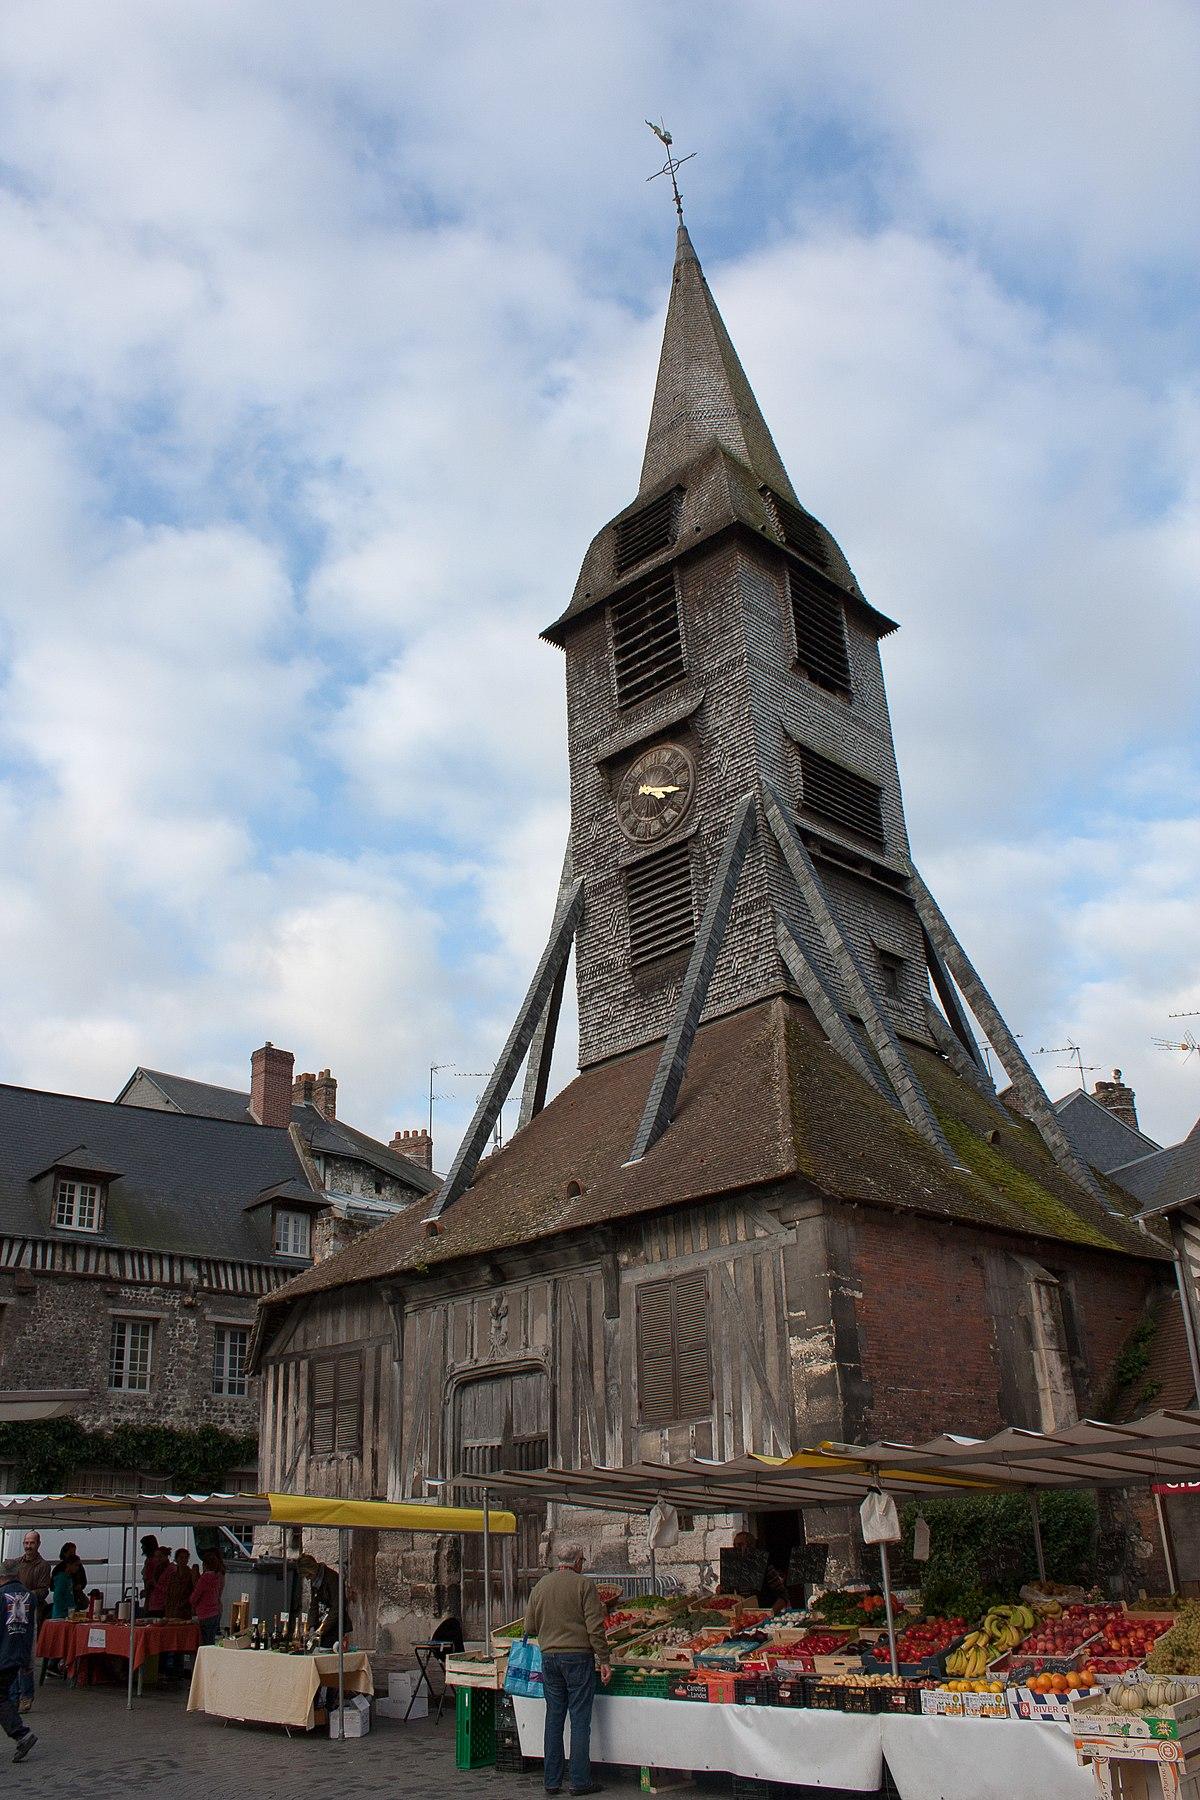 Narbonne Version 3 1: File:Honfleur-Clocher De L'église Sainte Catherine